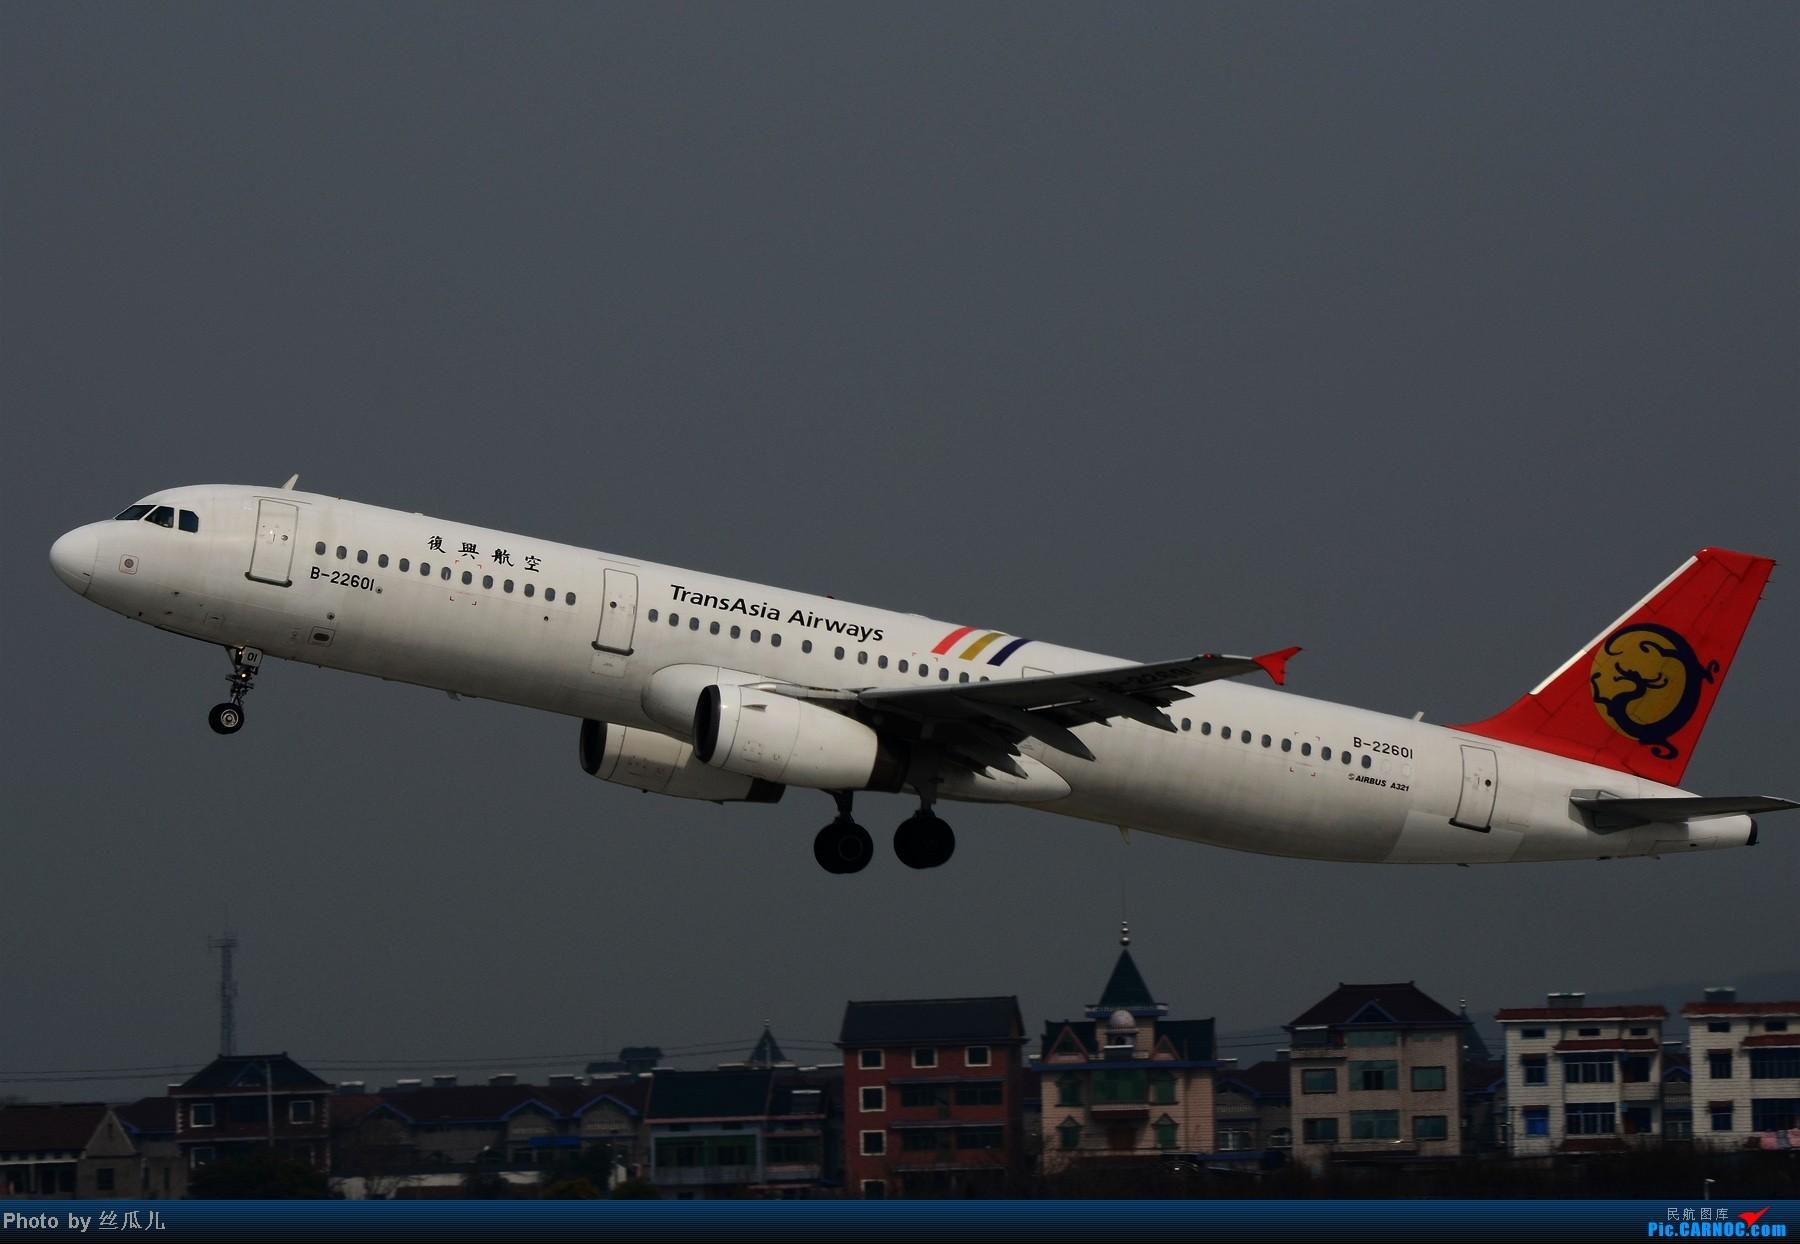 Re:[原创]2013年3月3日-萧山机场-晴 AIRBUS A321-100 B-22601 中国杭州萧山机场